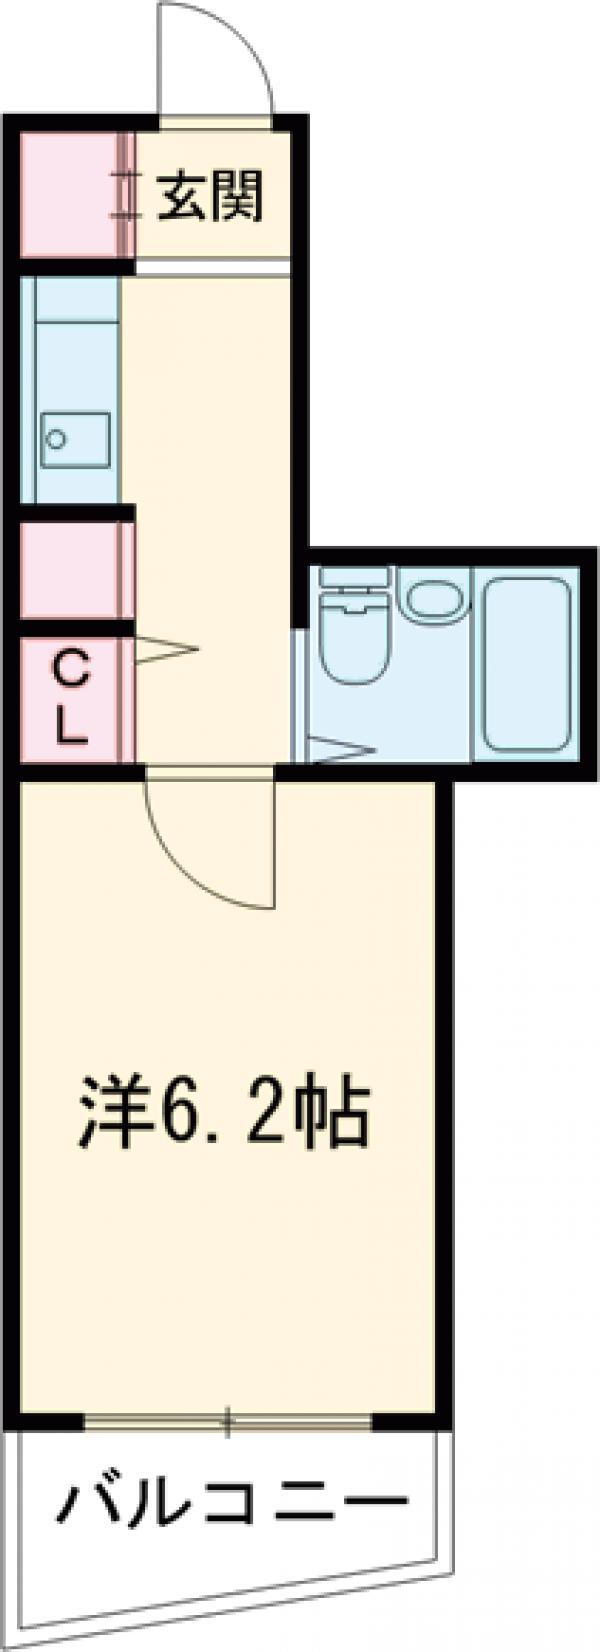 パークサイドコート桜川・403号室の間取り